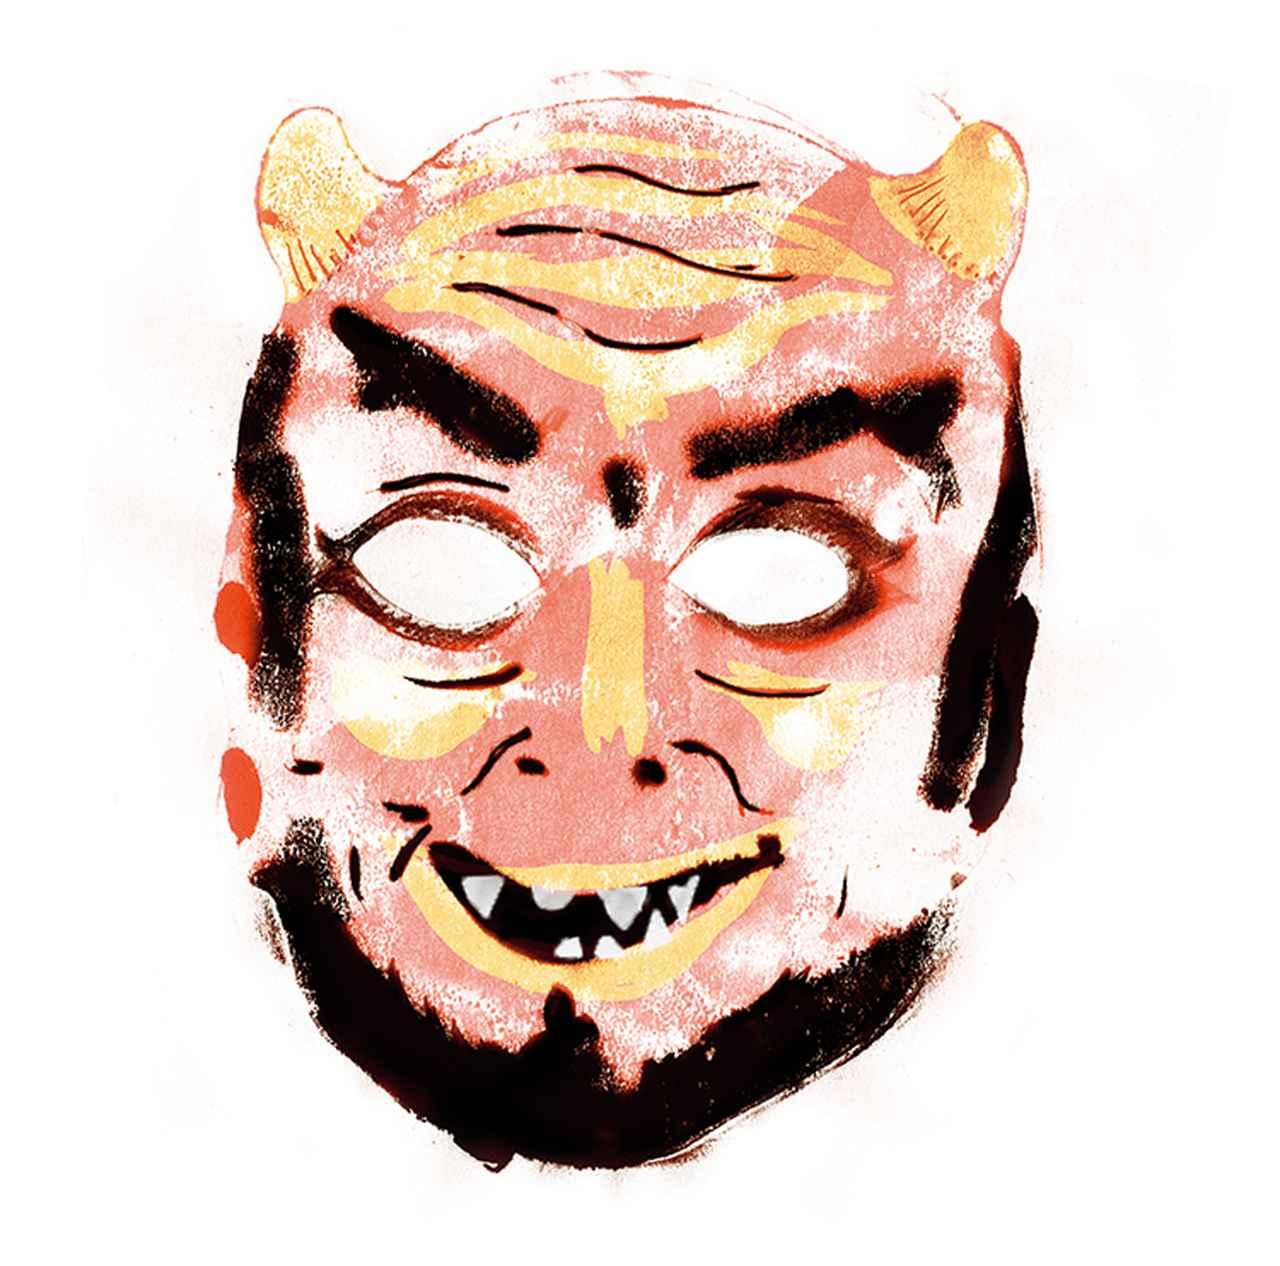 Images : 悪魔のマスク